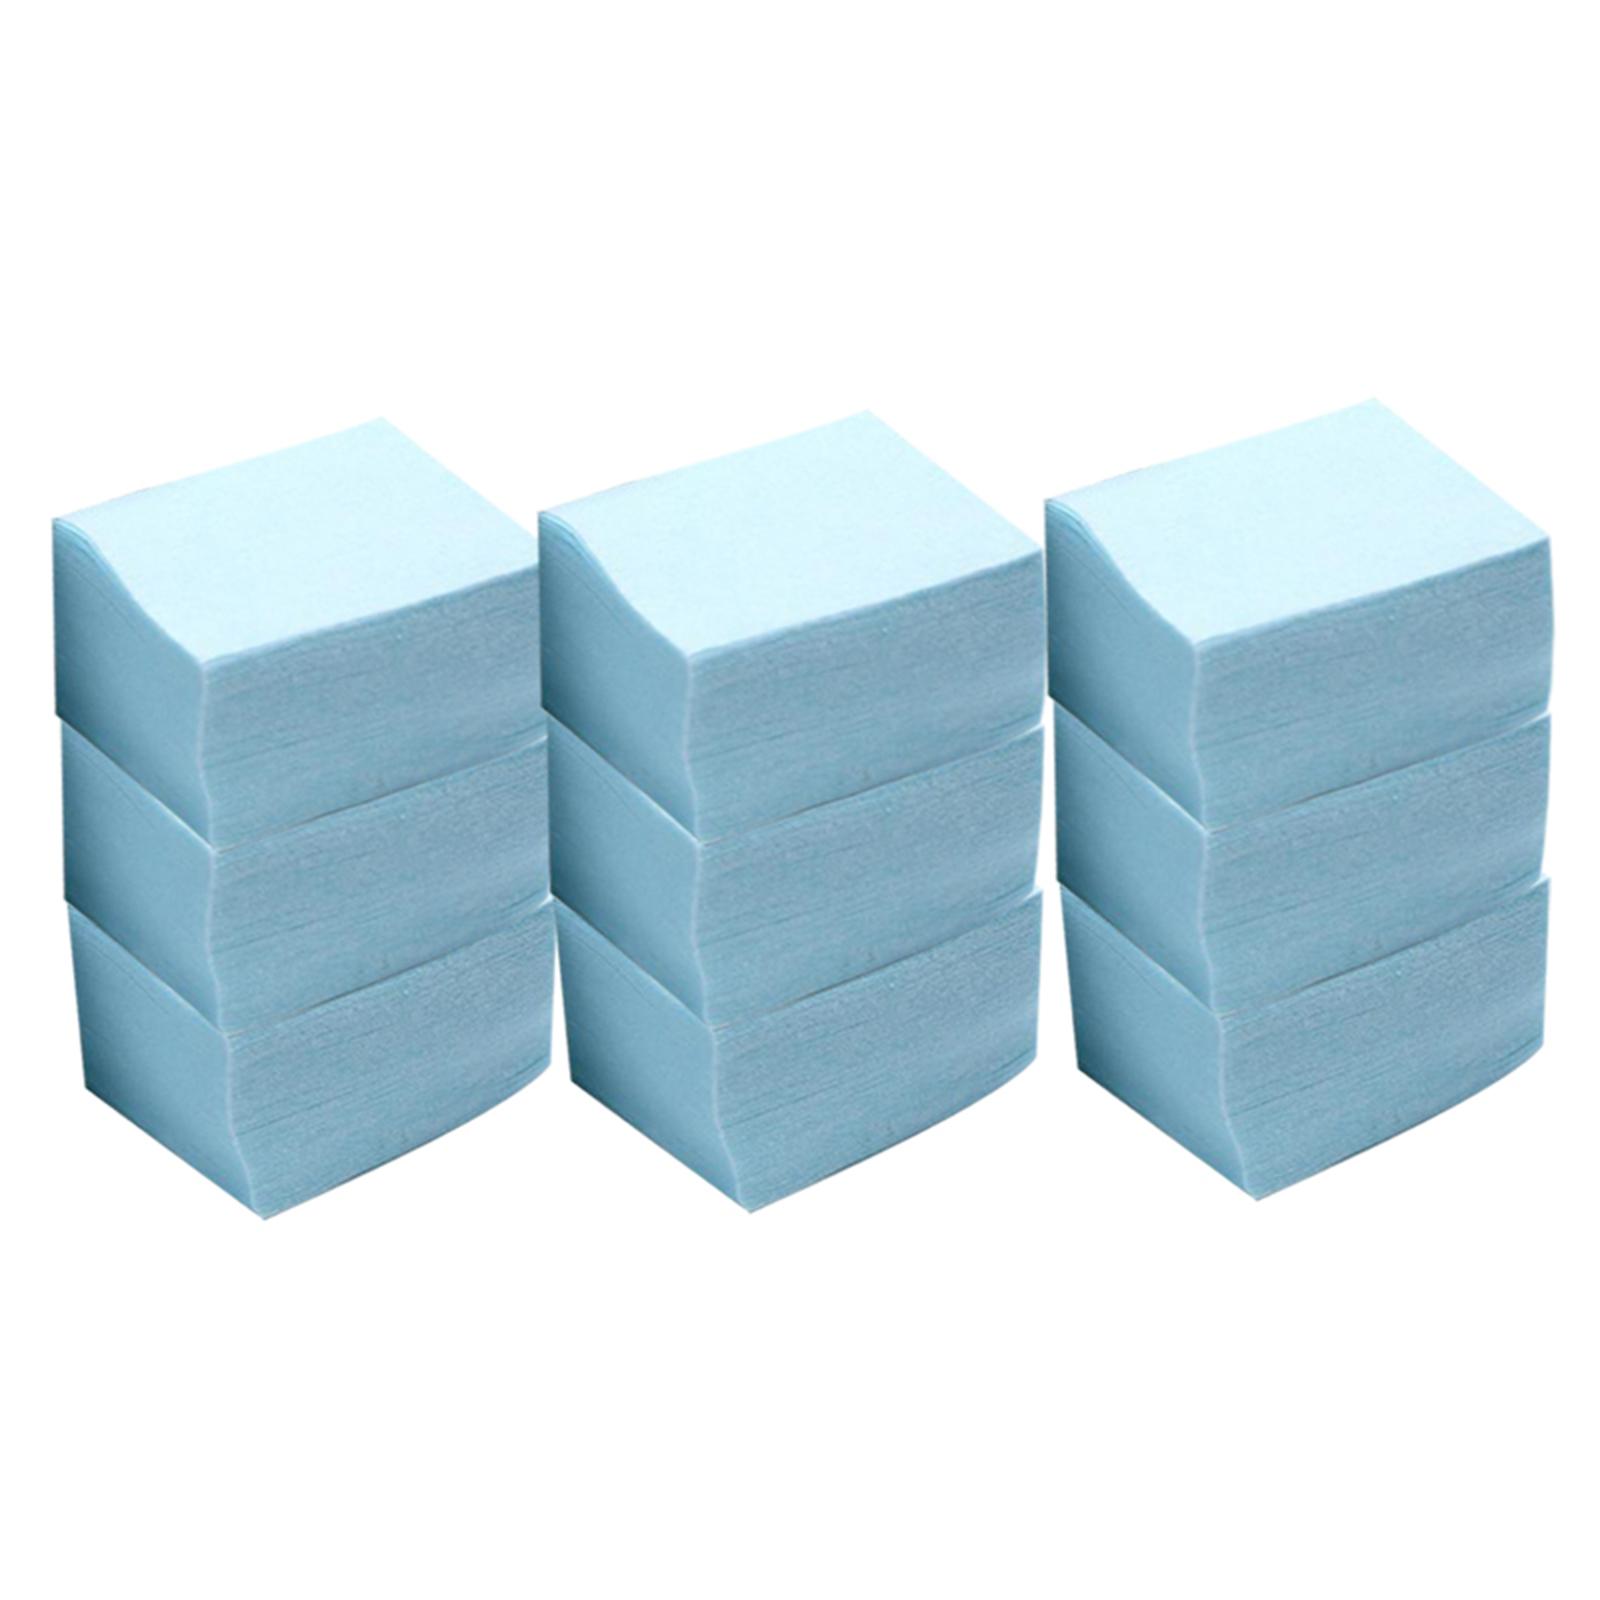 Cuscini-di-carta-privi-di-pelucchi-senza-pelucchi-per-smalto-acrilico-600x miniatura 7